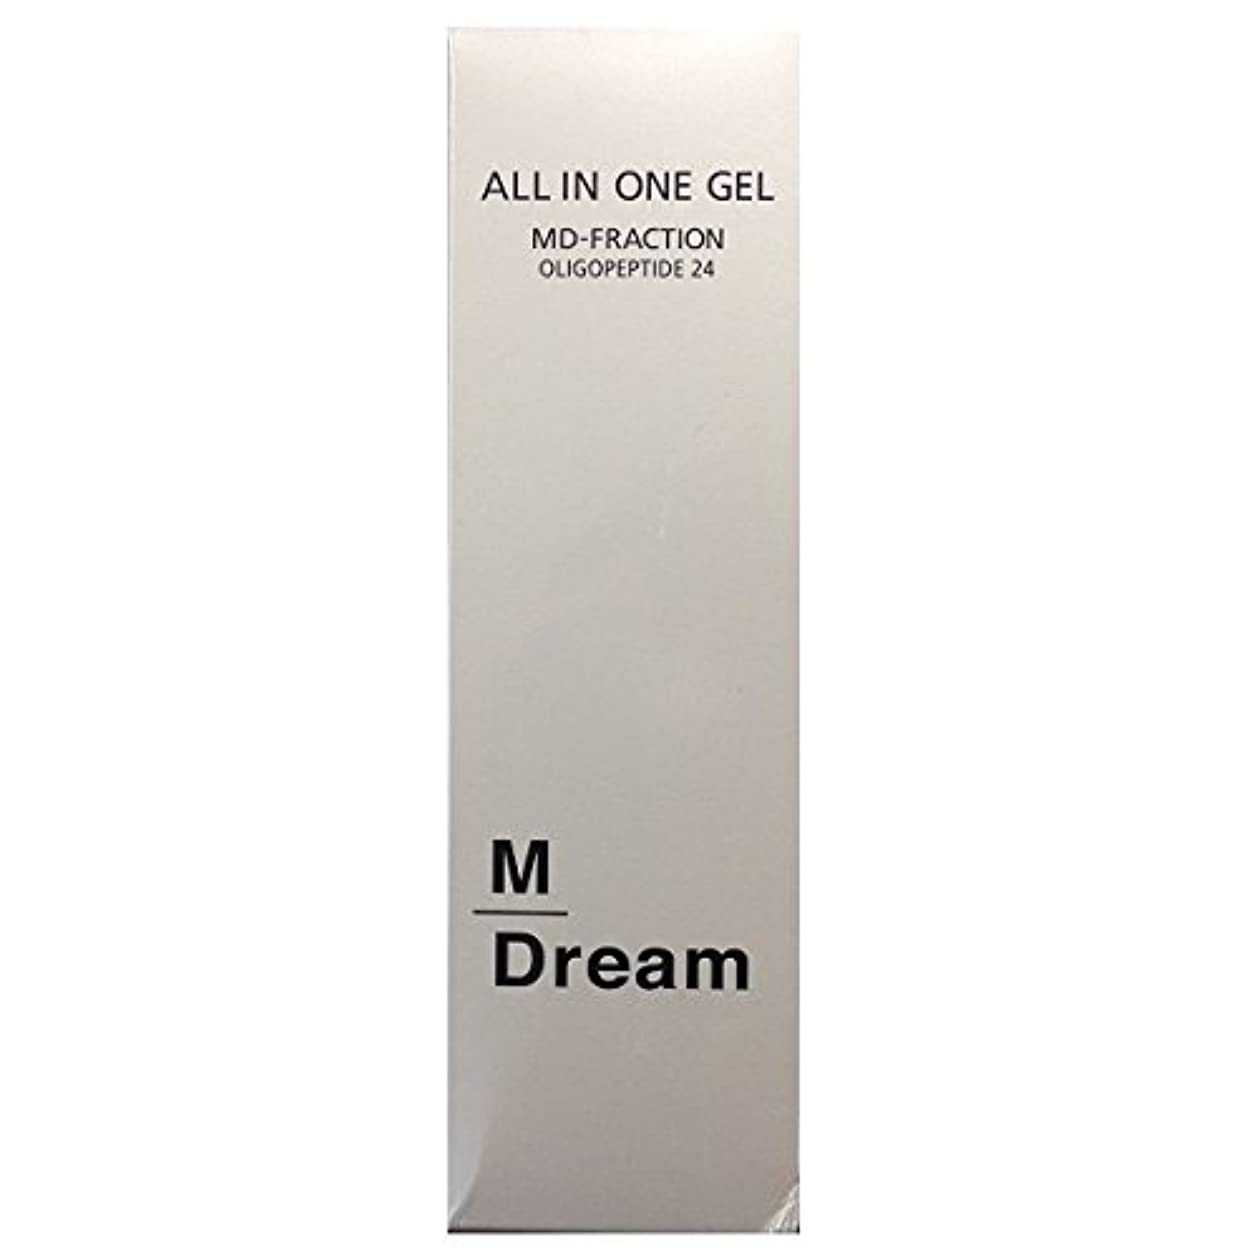 メディアアンソロジー定期的にエムスリー MDオールインワンジェル M Dream